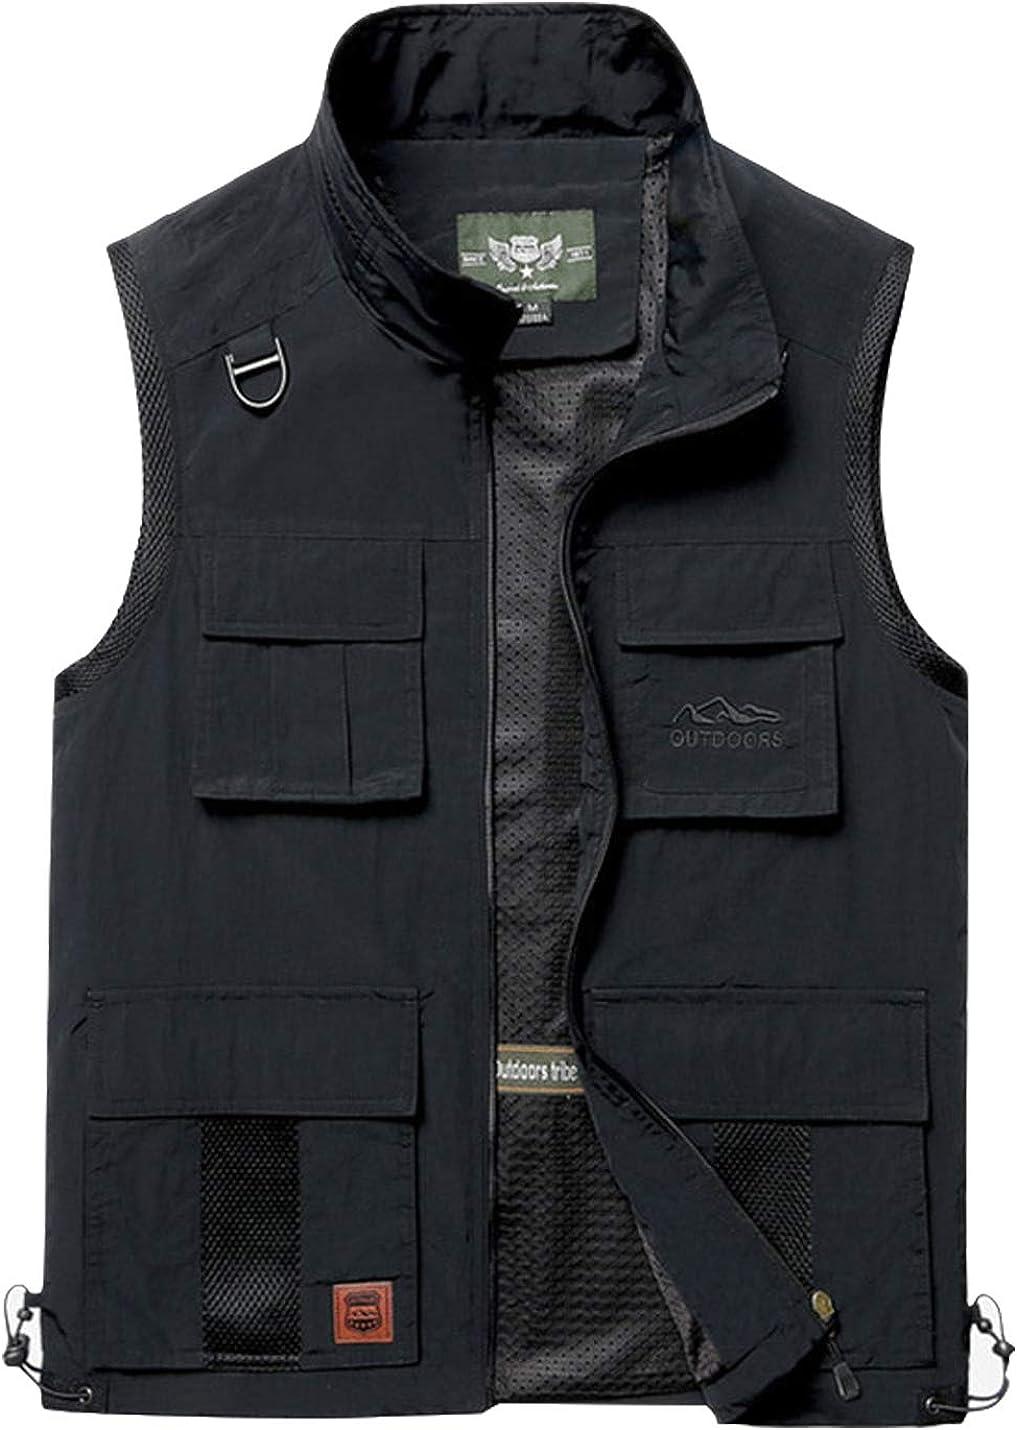 Gihuo Men's Lightweight Outdoor Fishing Travel Zip Vest